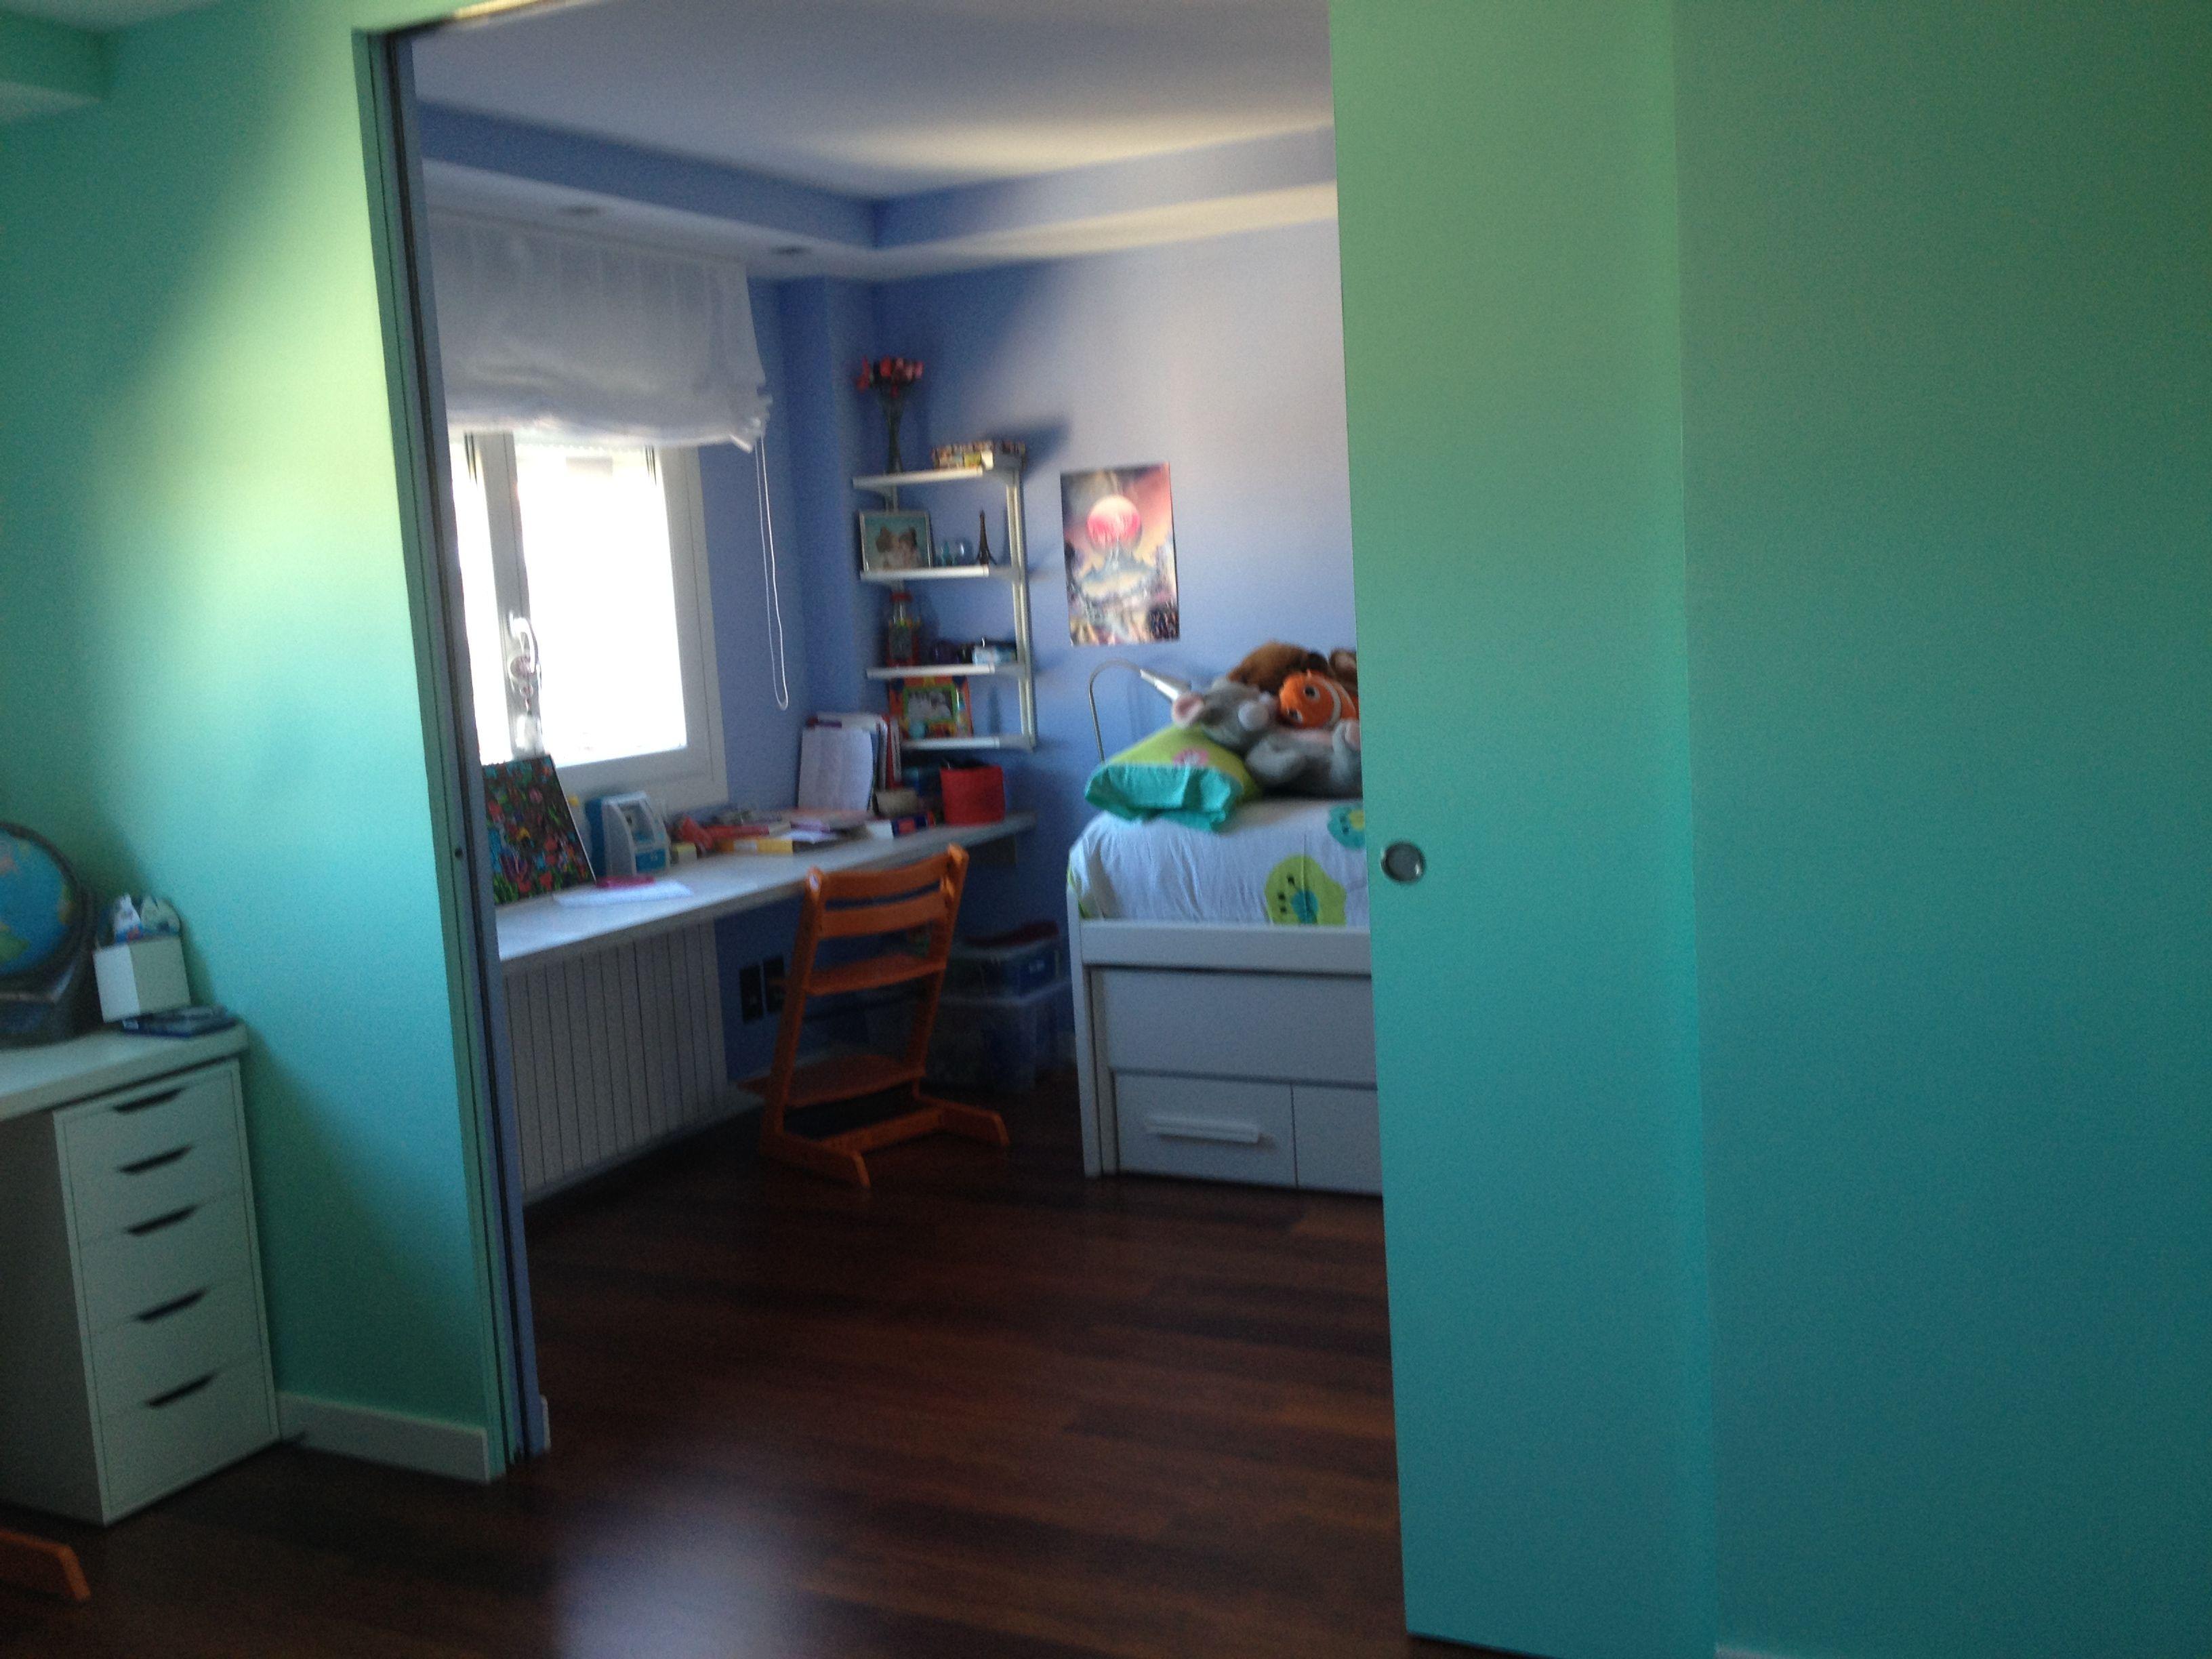 puertas correderas para separar habitaciones infantiles